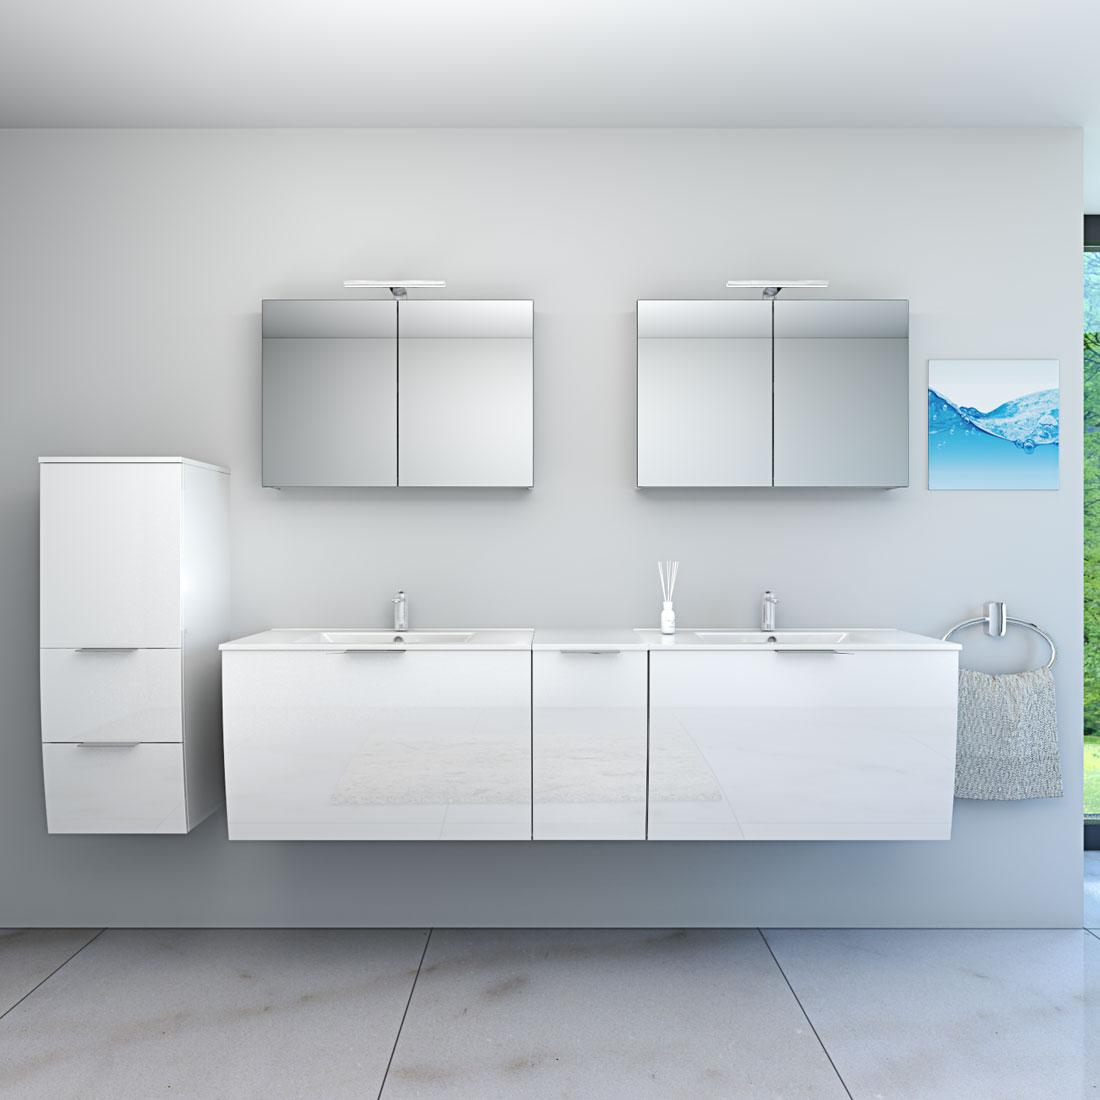 Badmöbel Set Gently 1 V4-L Hochglanz weiß, Badezimmermöbel, Waschtisch